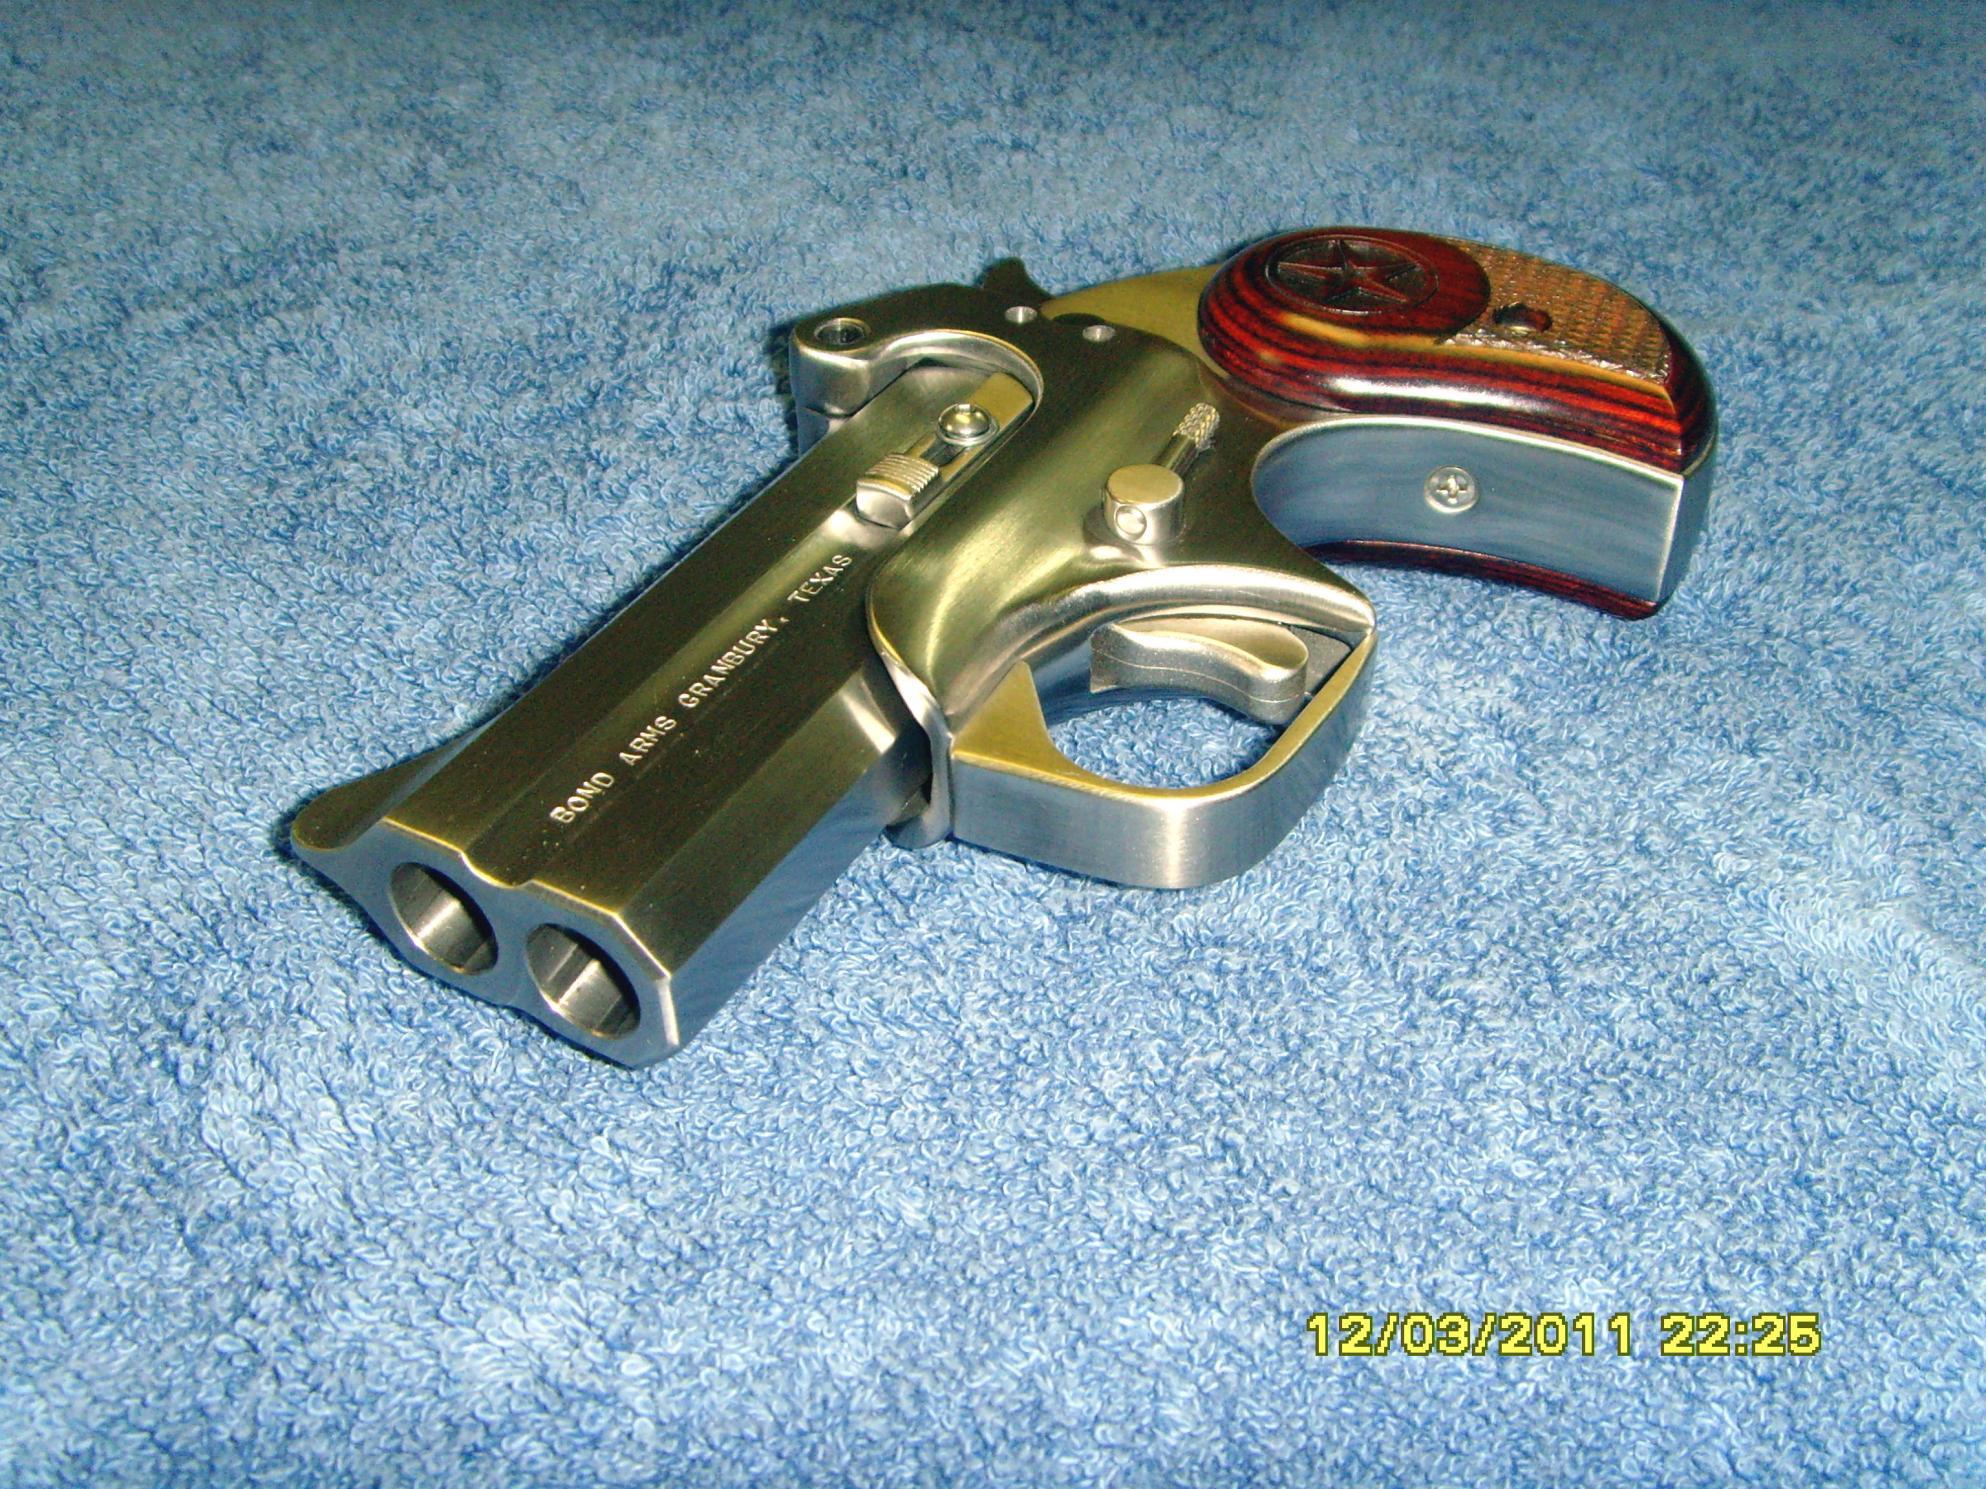 Filling a gap in handgun lineup-snv30005.jpg